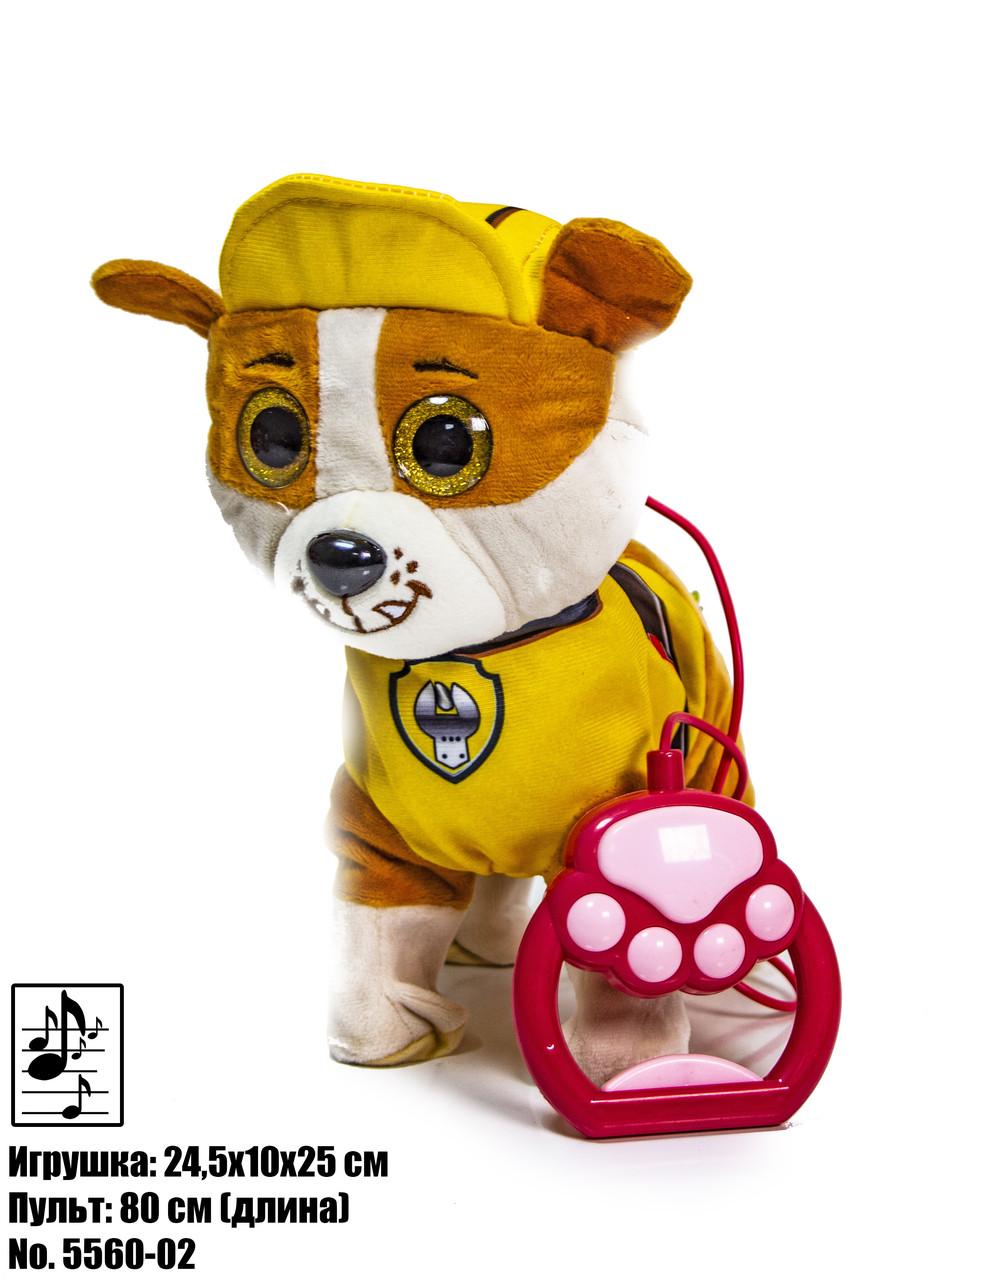 М'яка Інтерактивна Іграшка Щенячий Патруль Здоровань 5560-02 - Інтерактивні дитячі іграшки